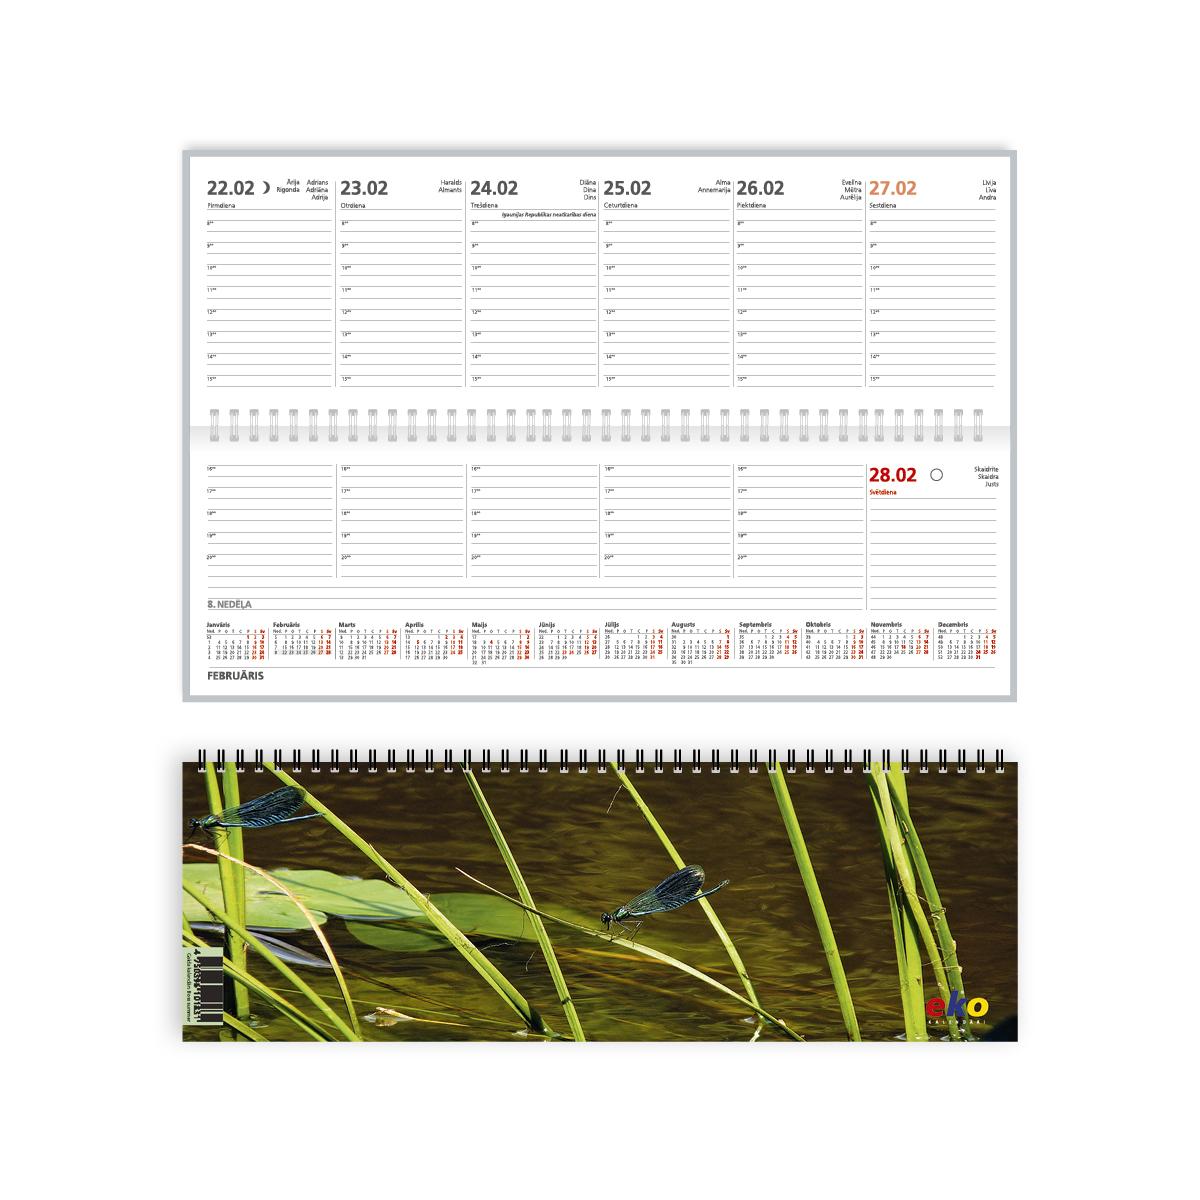 Galda kalendārs 2019.gadam EKO Boss Summer, no apdrukāta kartona